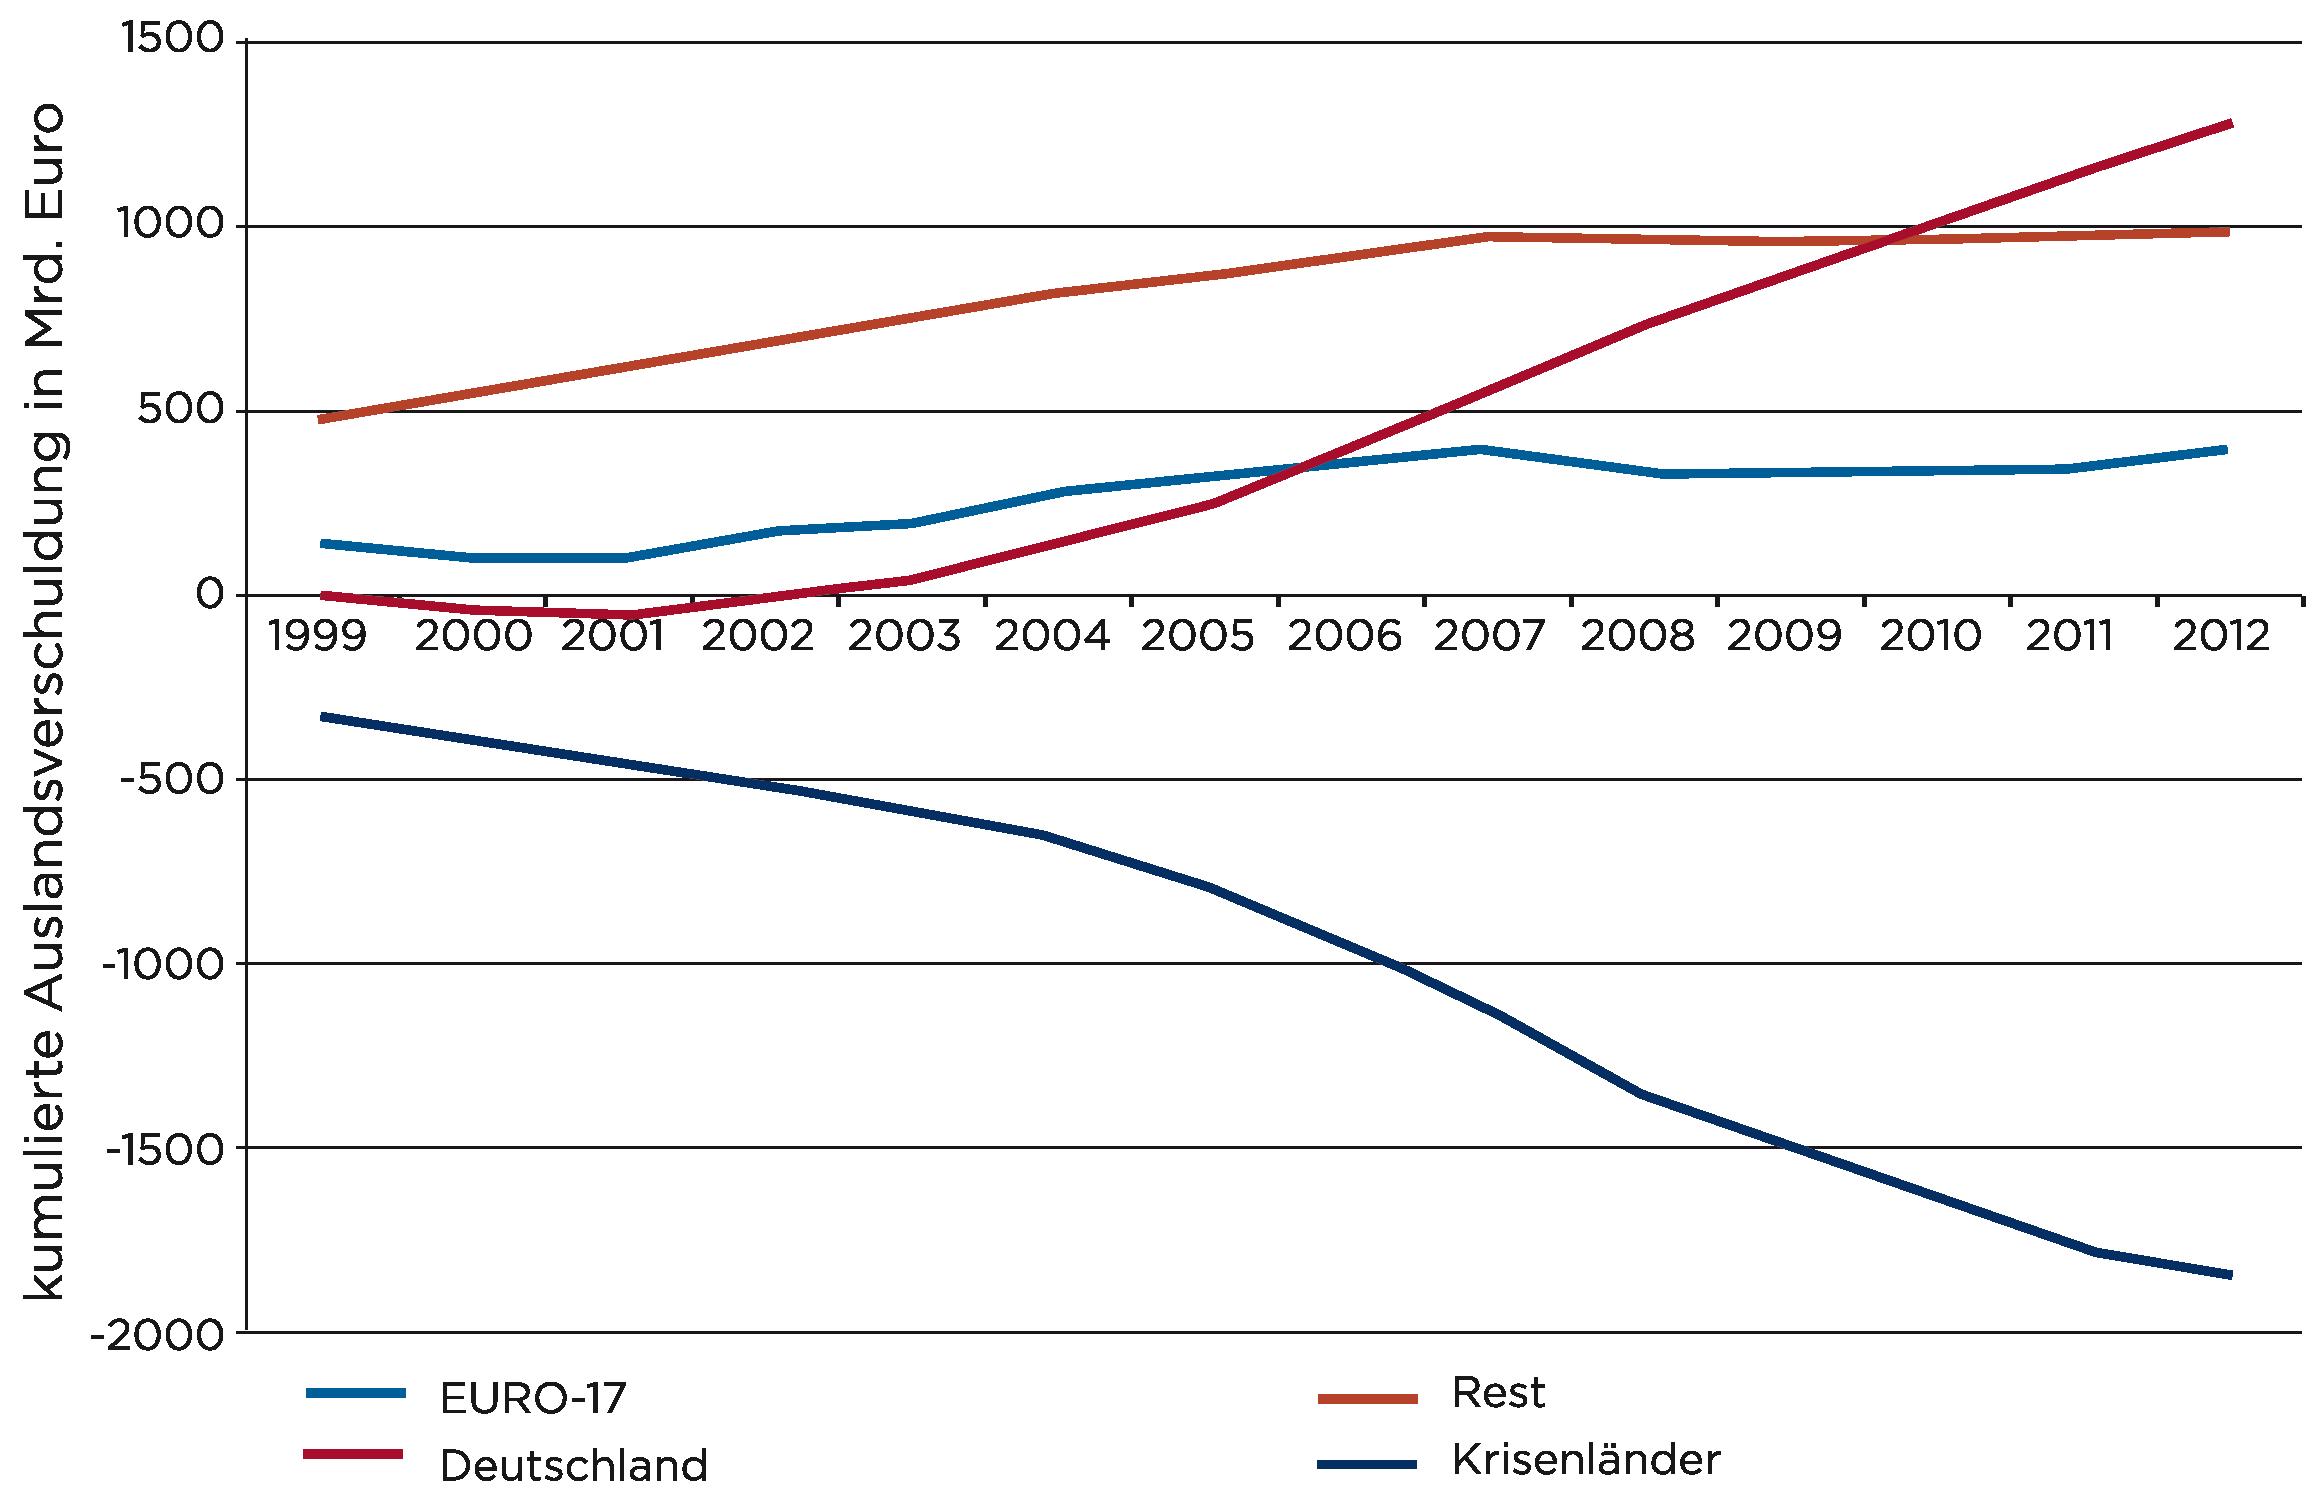 Auslandsverschuldung aufgrund der Entwicklung der Leistungsbilanzsalden in der Eurozone